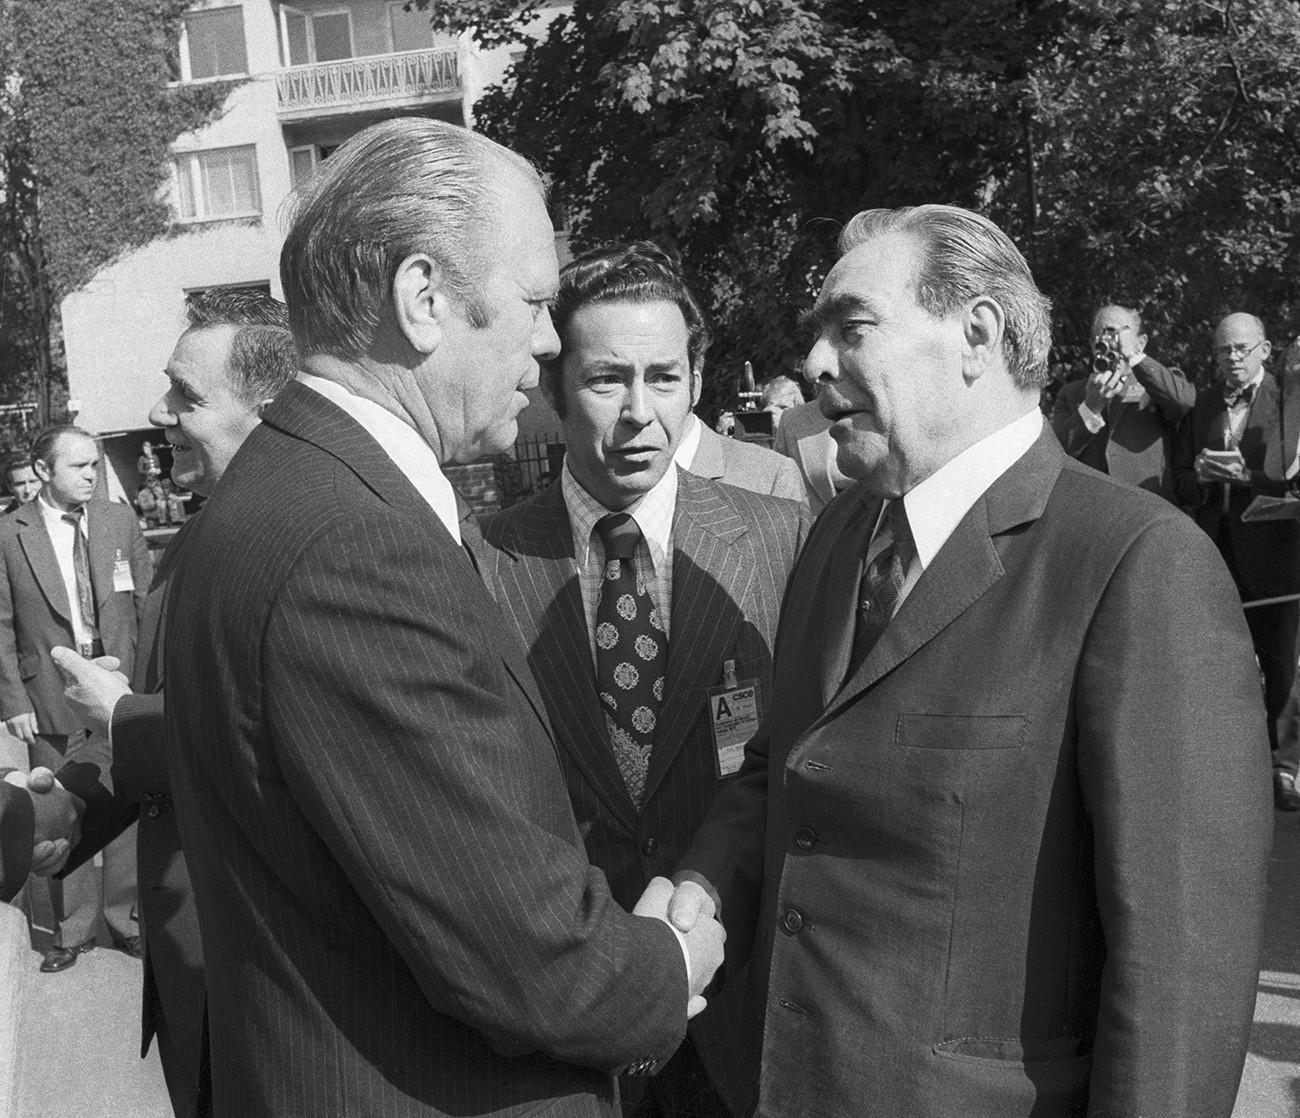 Хелсинки. Генералниот секретар на ЦК КПСС Леонид Брежнев (десно) и претседателот на САД Џ. Форд пред почетокот на советувањето за безбедност и соработка во Европа.